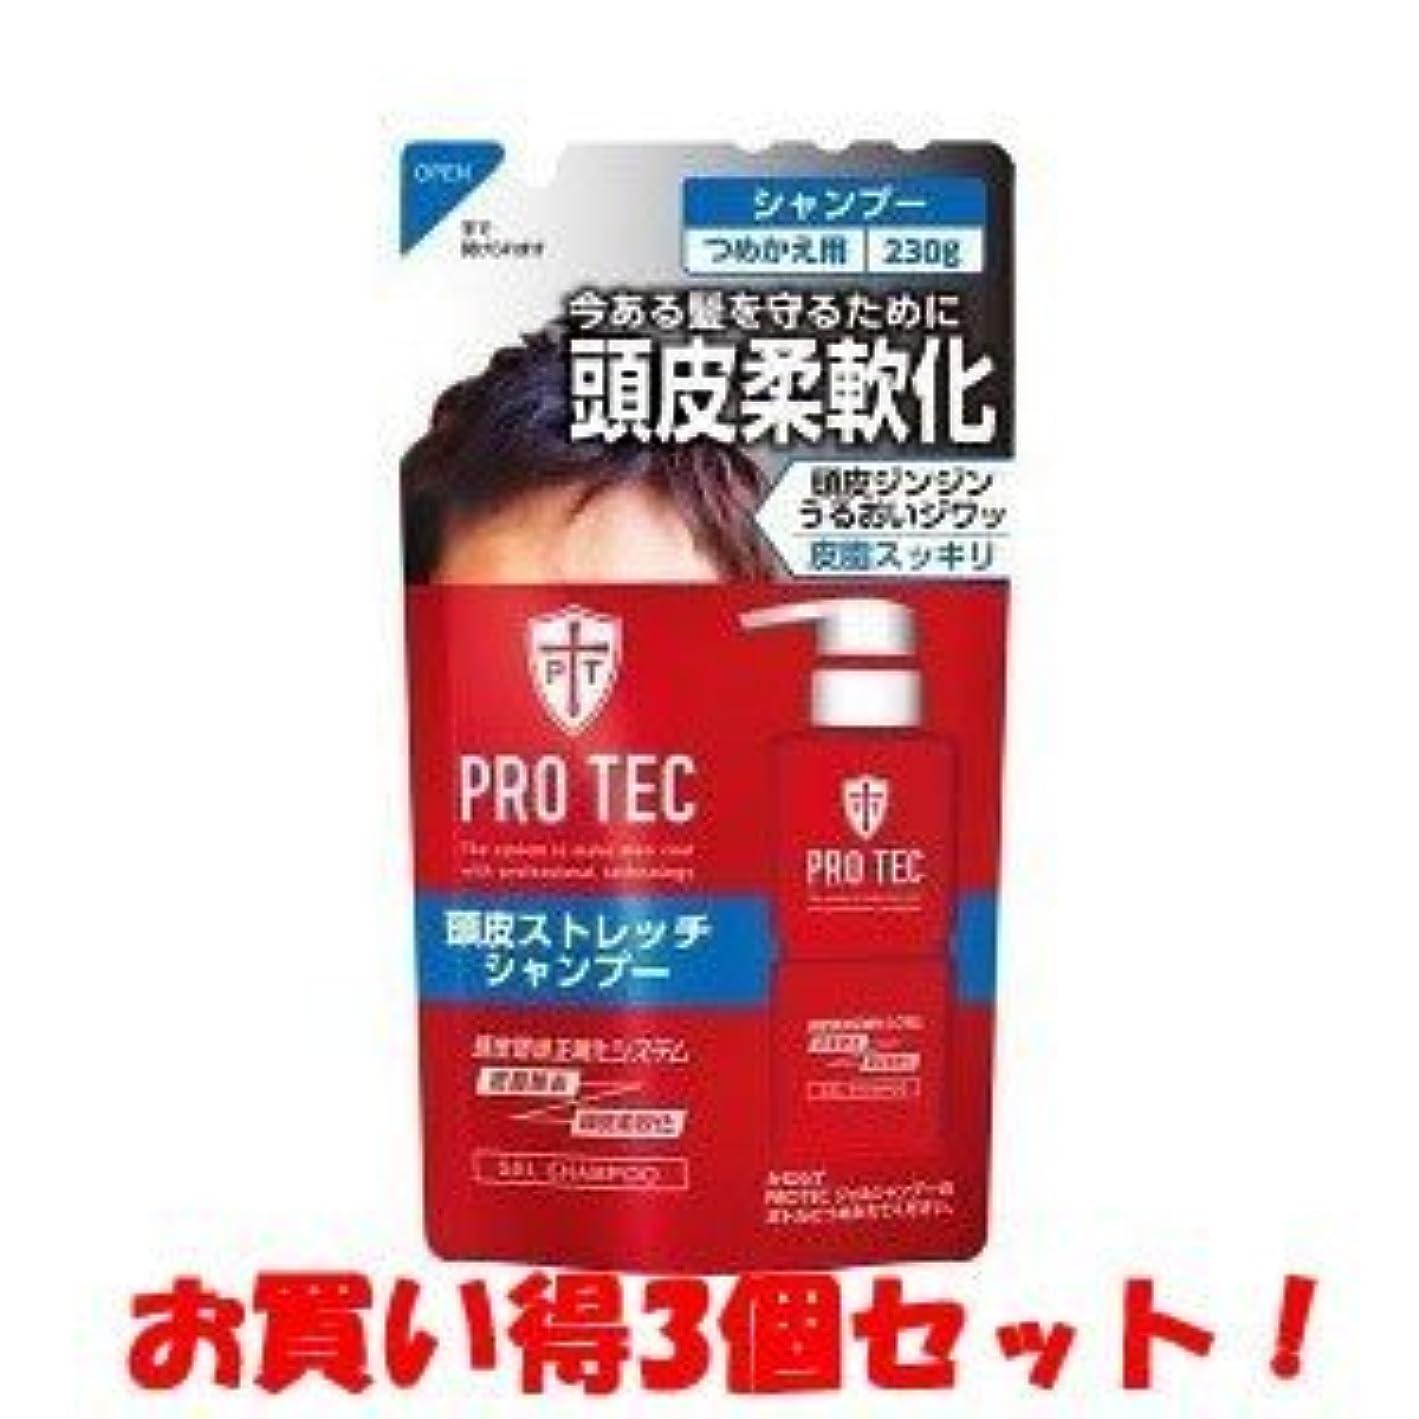 によって謎めいた私たちの(ライオン)PRO TEC(プロテク) 頭皮ストレッチ シャンプー つめかえ用 230g(医薬部外品)(お買い得3個セット)